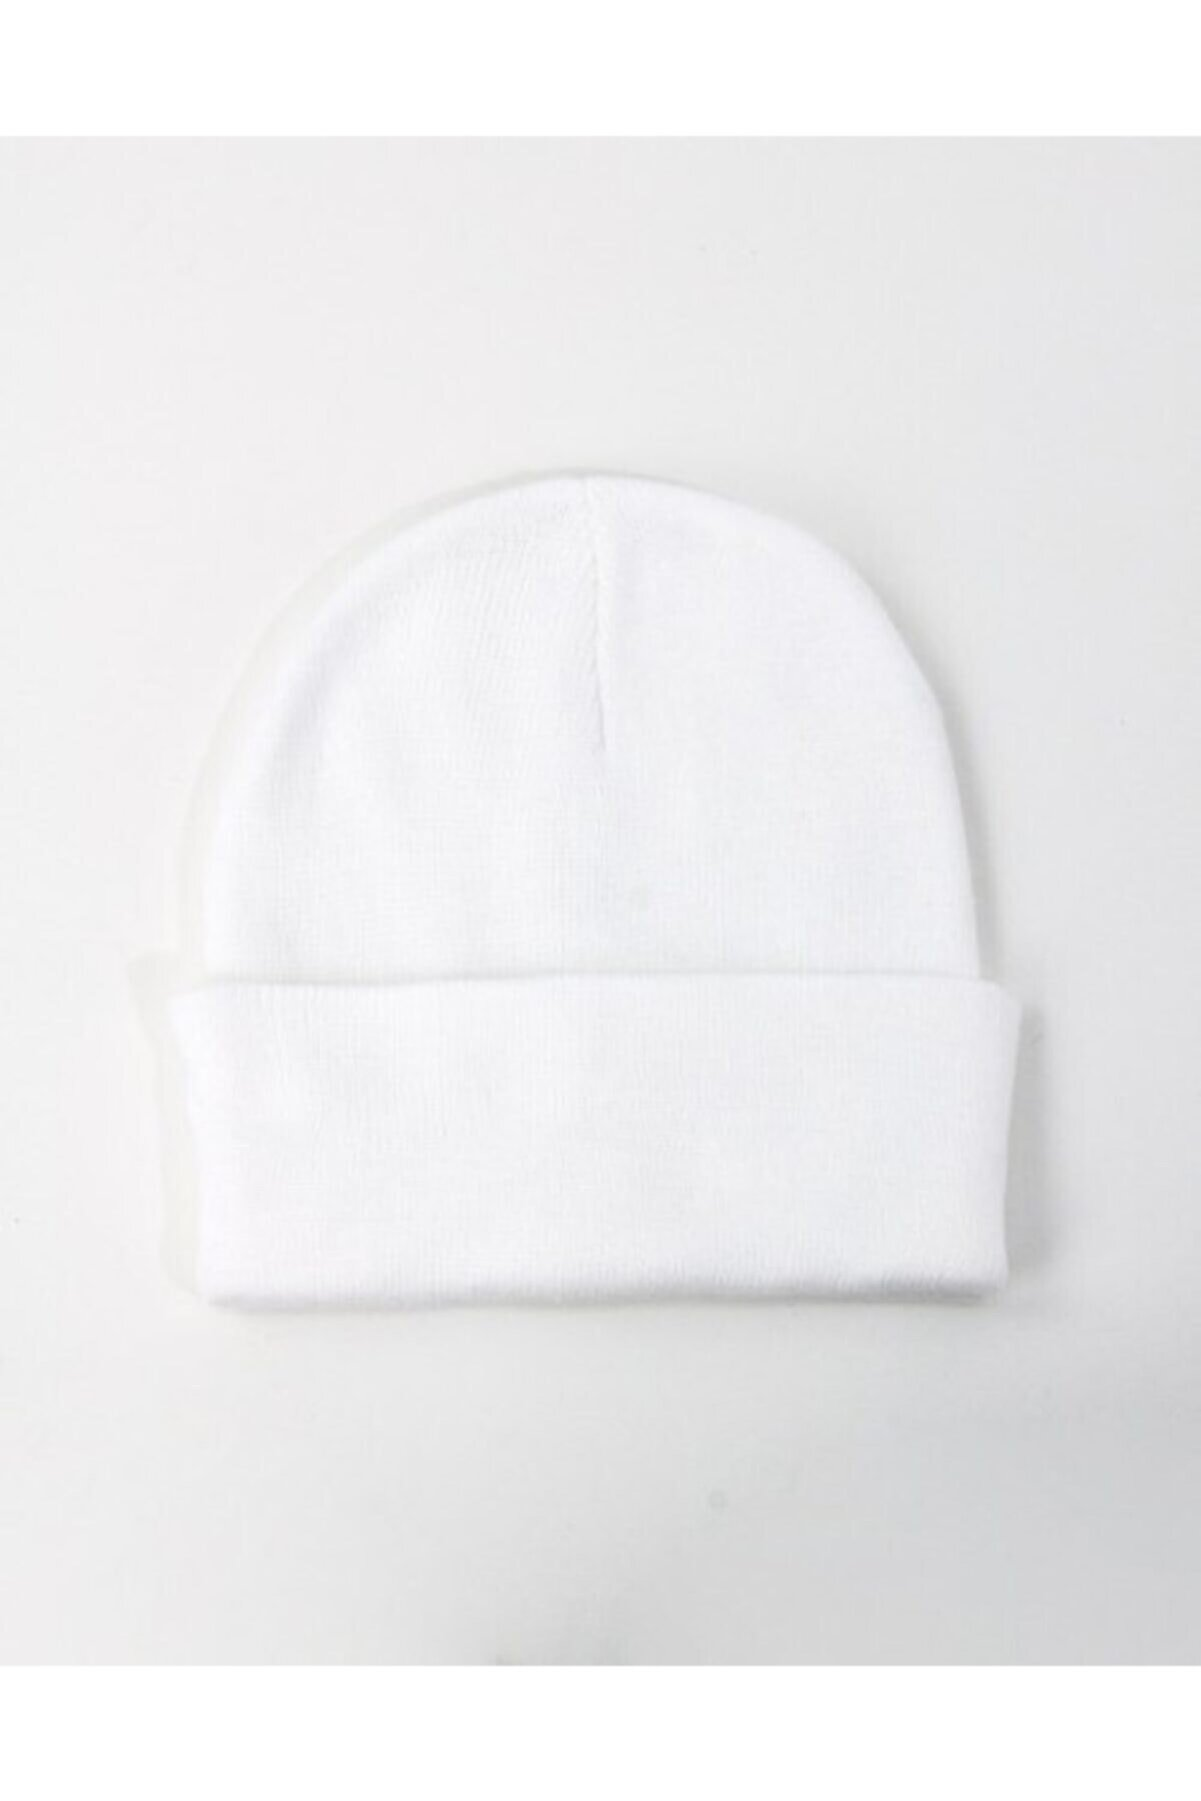 Mathilda Aksesuar Unisex Basic Bere Beyaz